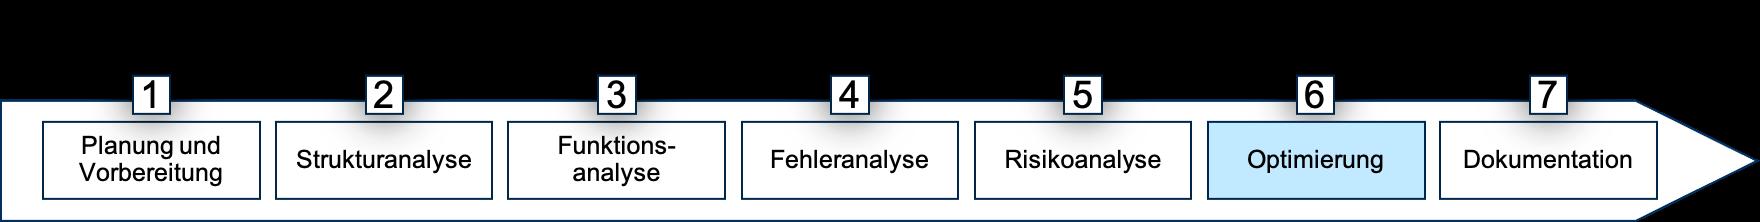 7 Schritte FMEA Schritt 6 Banner